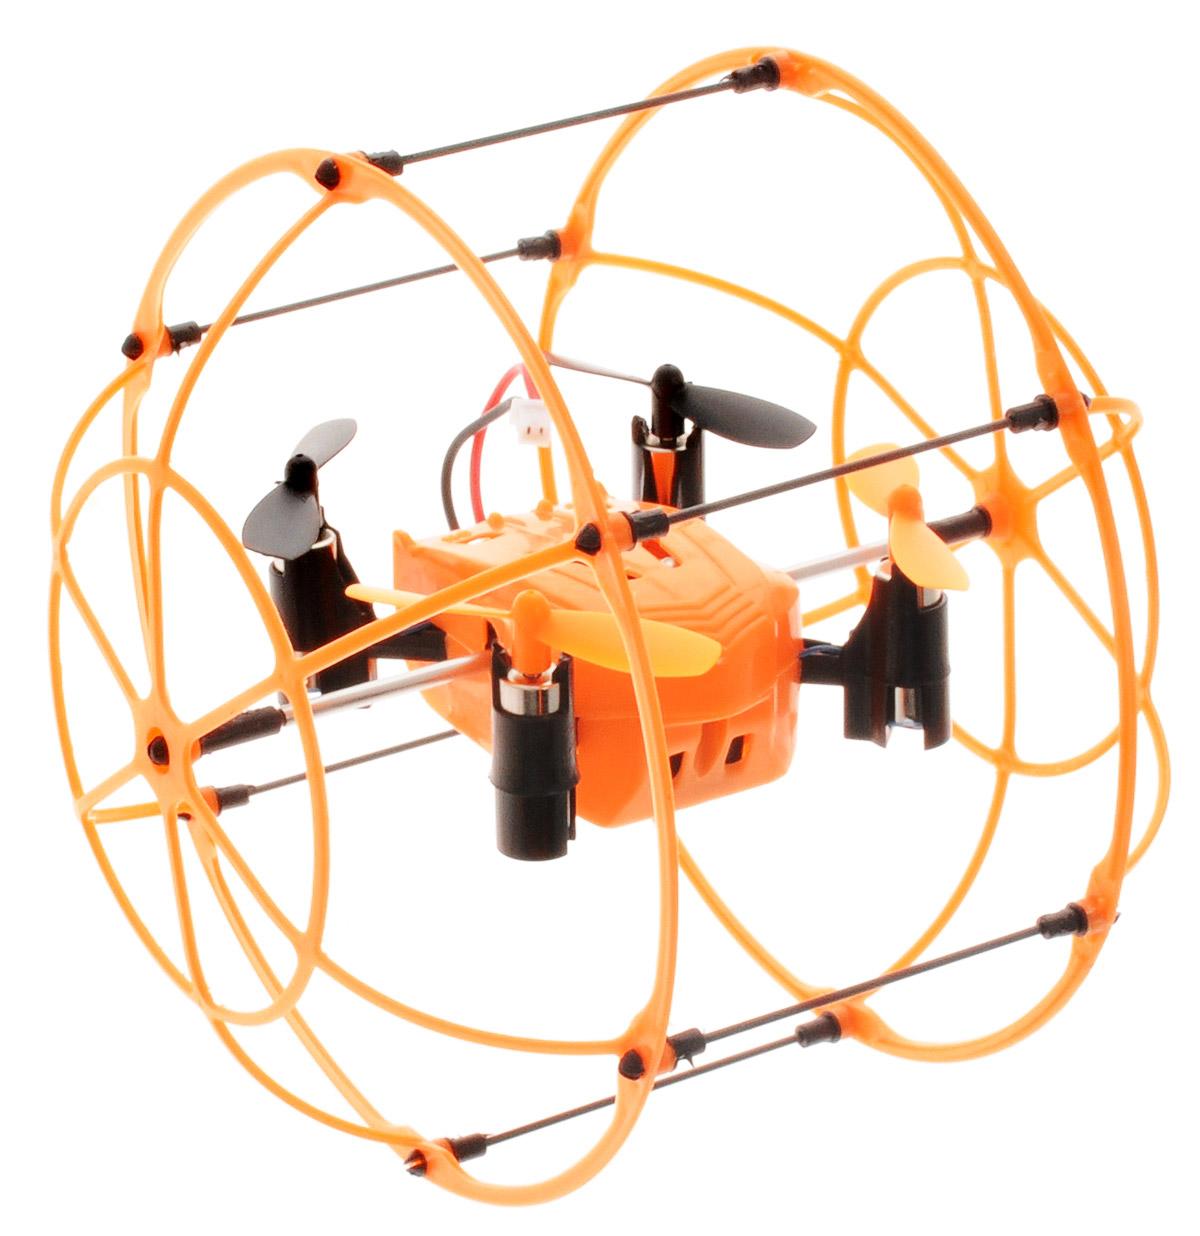 От винта! Квадрокоптер на радиоуправлении Fly-0246 от винта от винта квадрокоптер fly 0251 на радиоуправлении версия profi